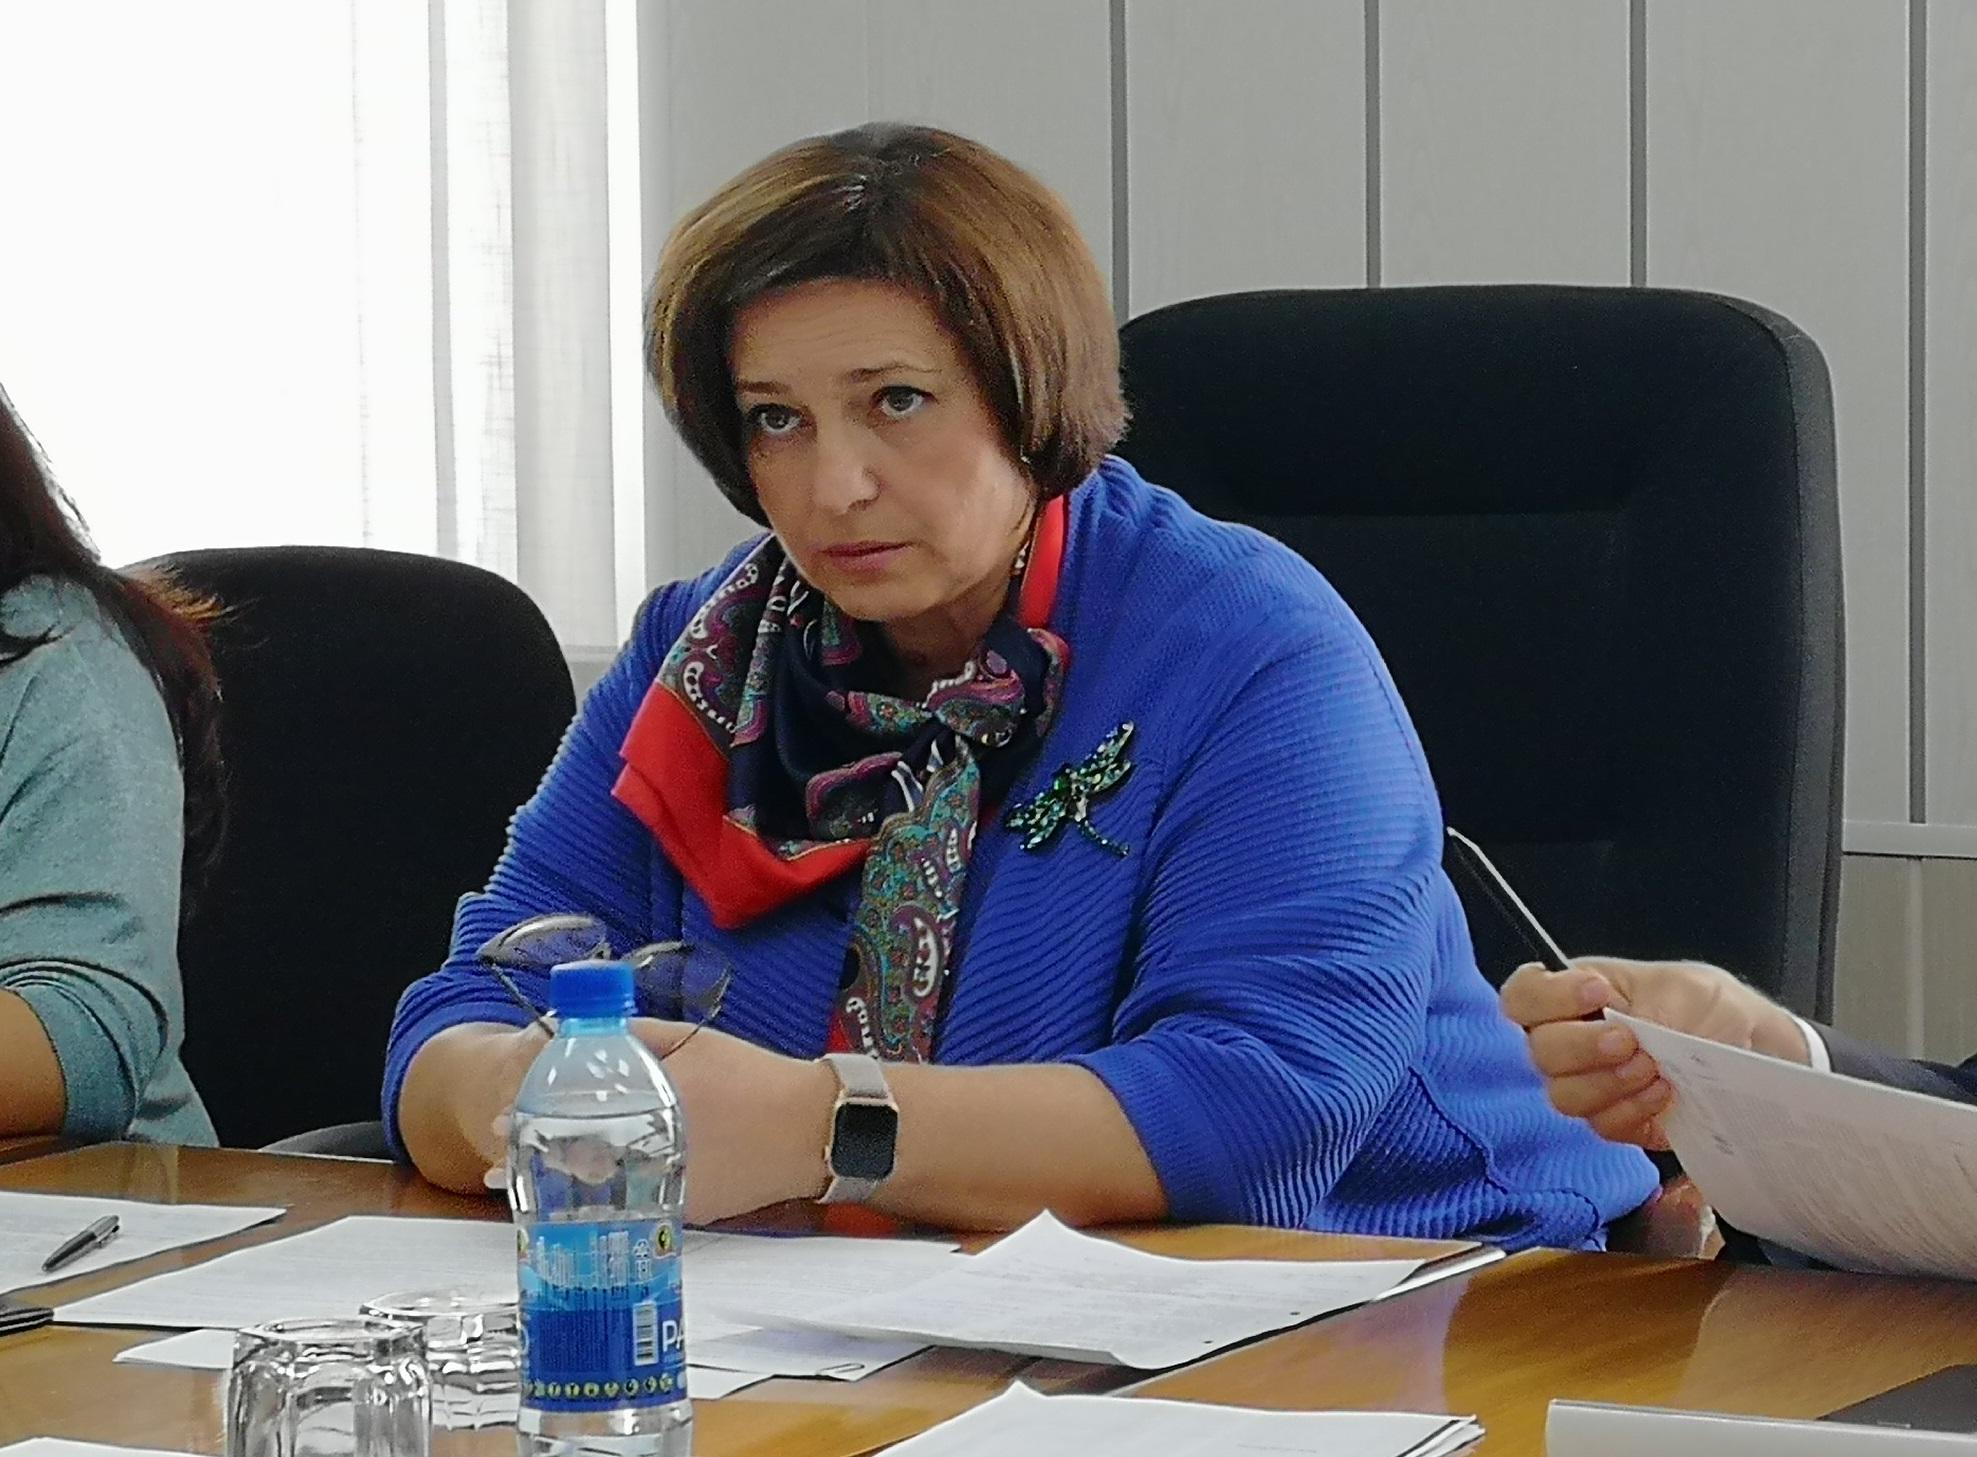 Самарский министр объяснила низкую рождаемость неуверенностью в мужчинах